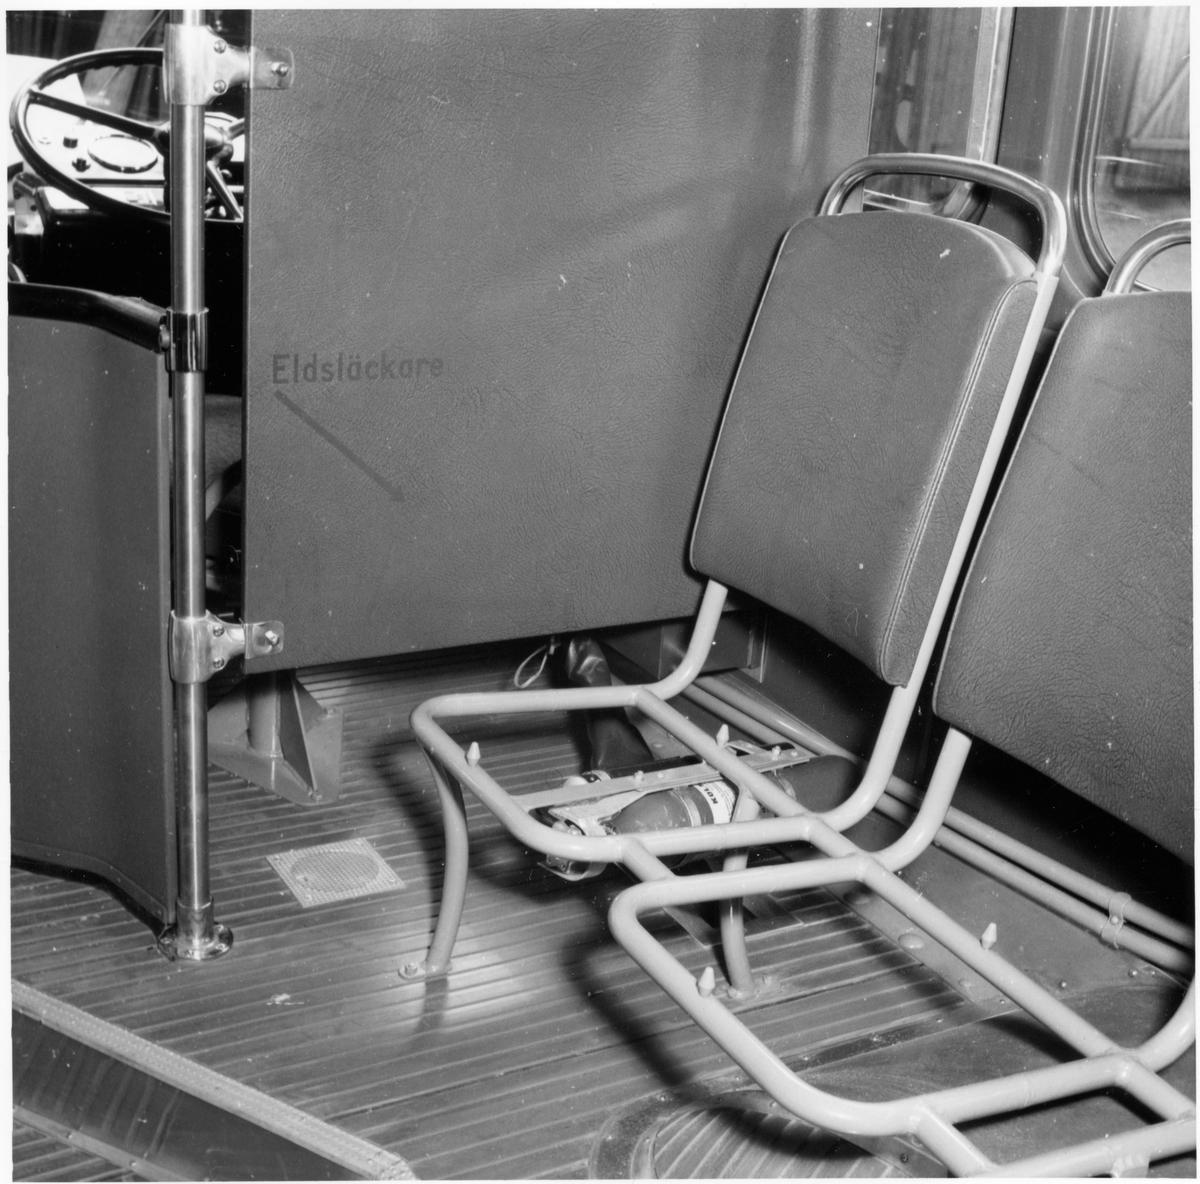 Interiör med förarplats, ofullständiga sittplatser och placering av eldsläckare i en buss.